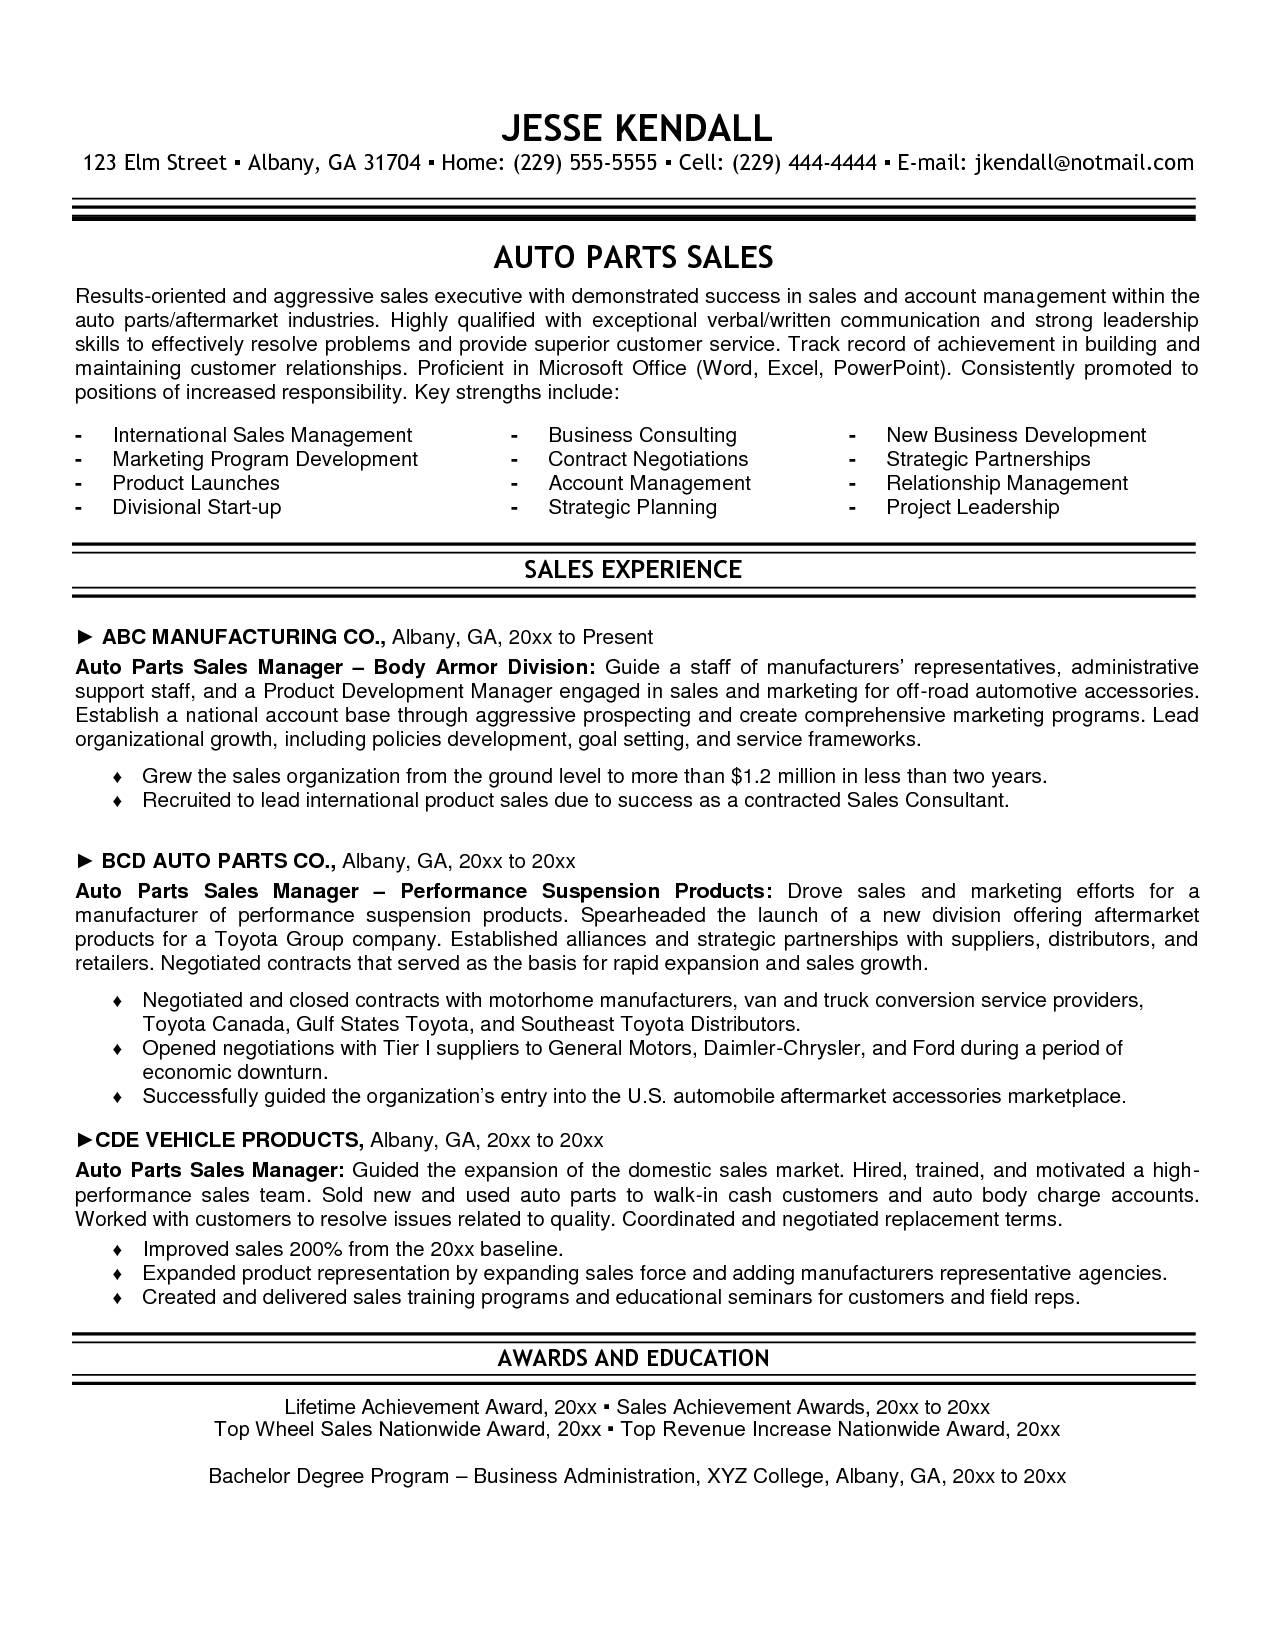 Resume Template Automotive Sales